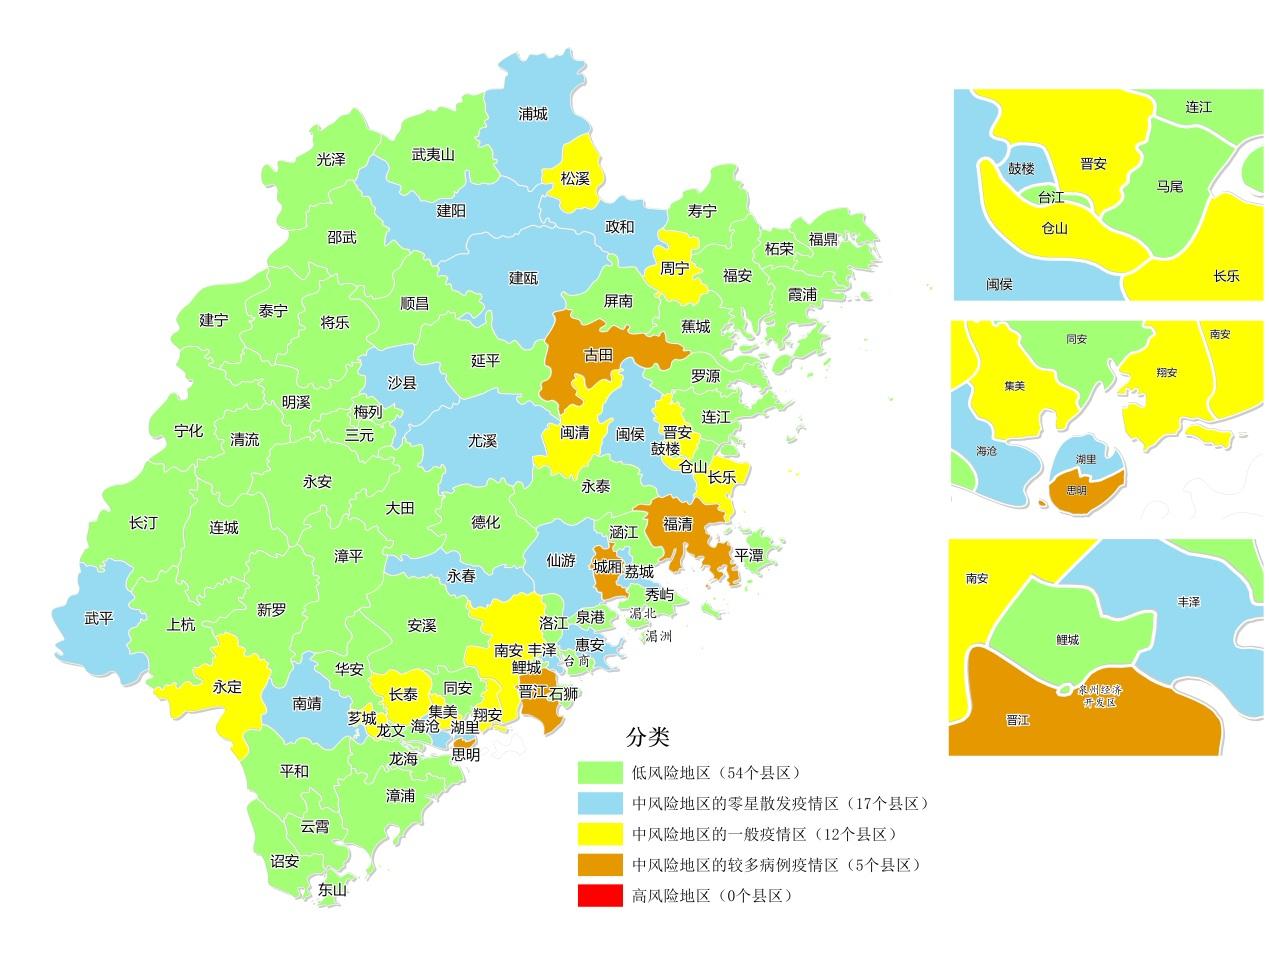 """福建更新""""疫情分布图"""":福鼎被划分为低风险地区"""